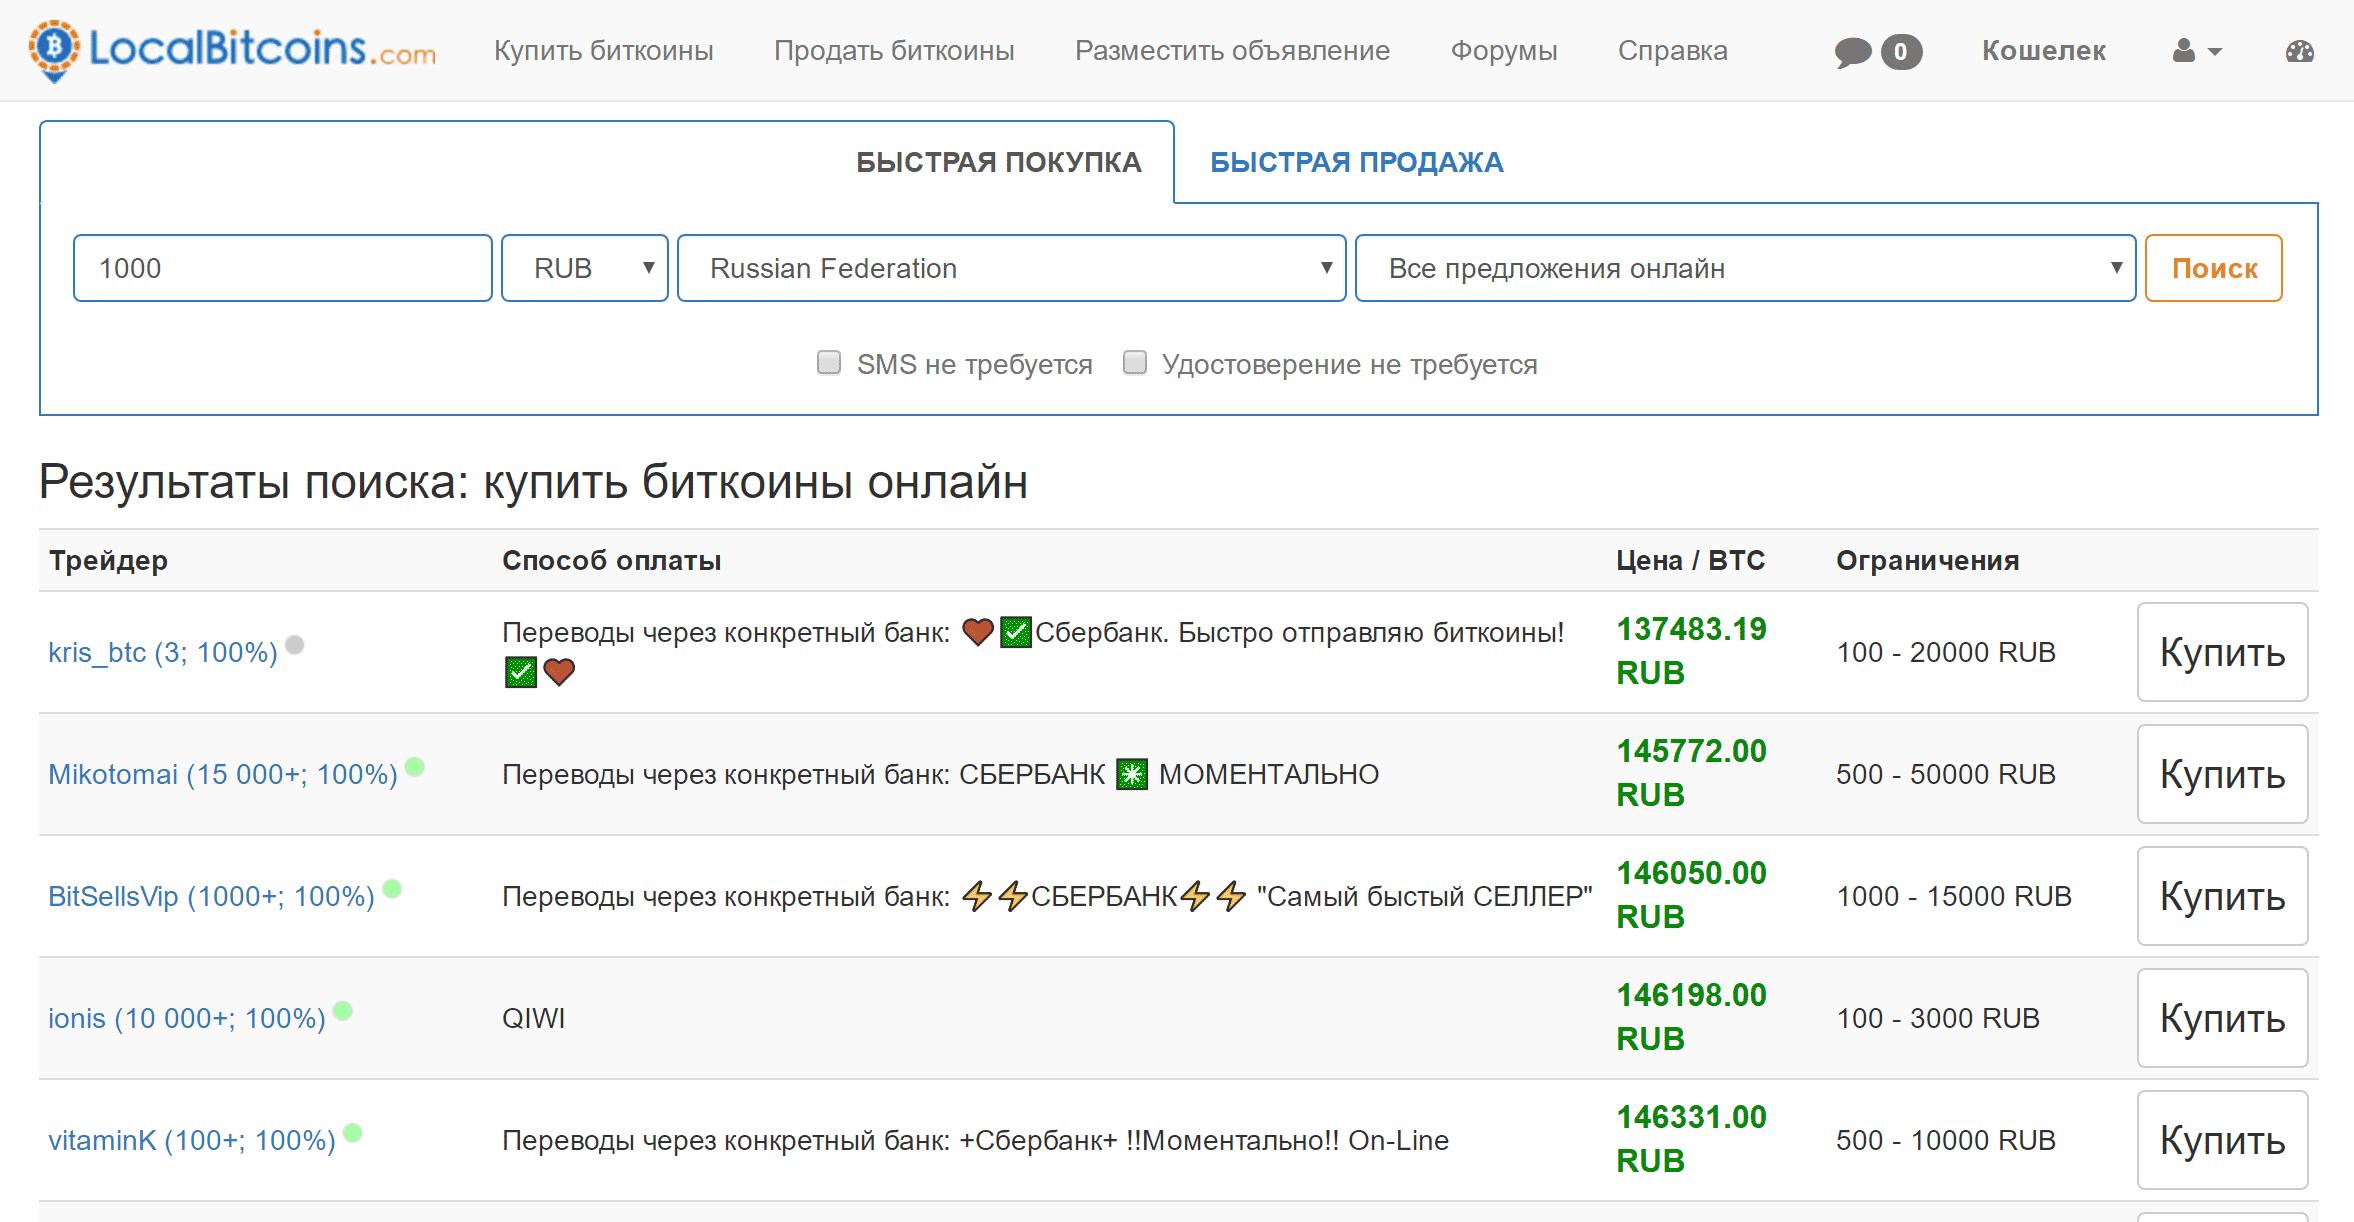 localbitcoins számlák